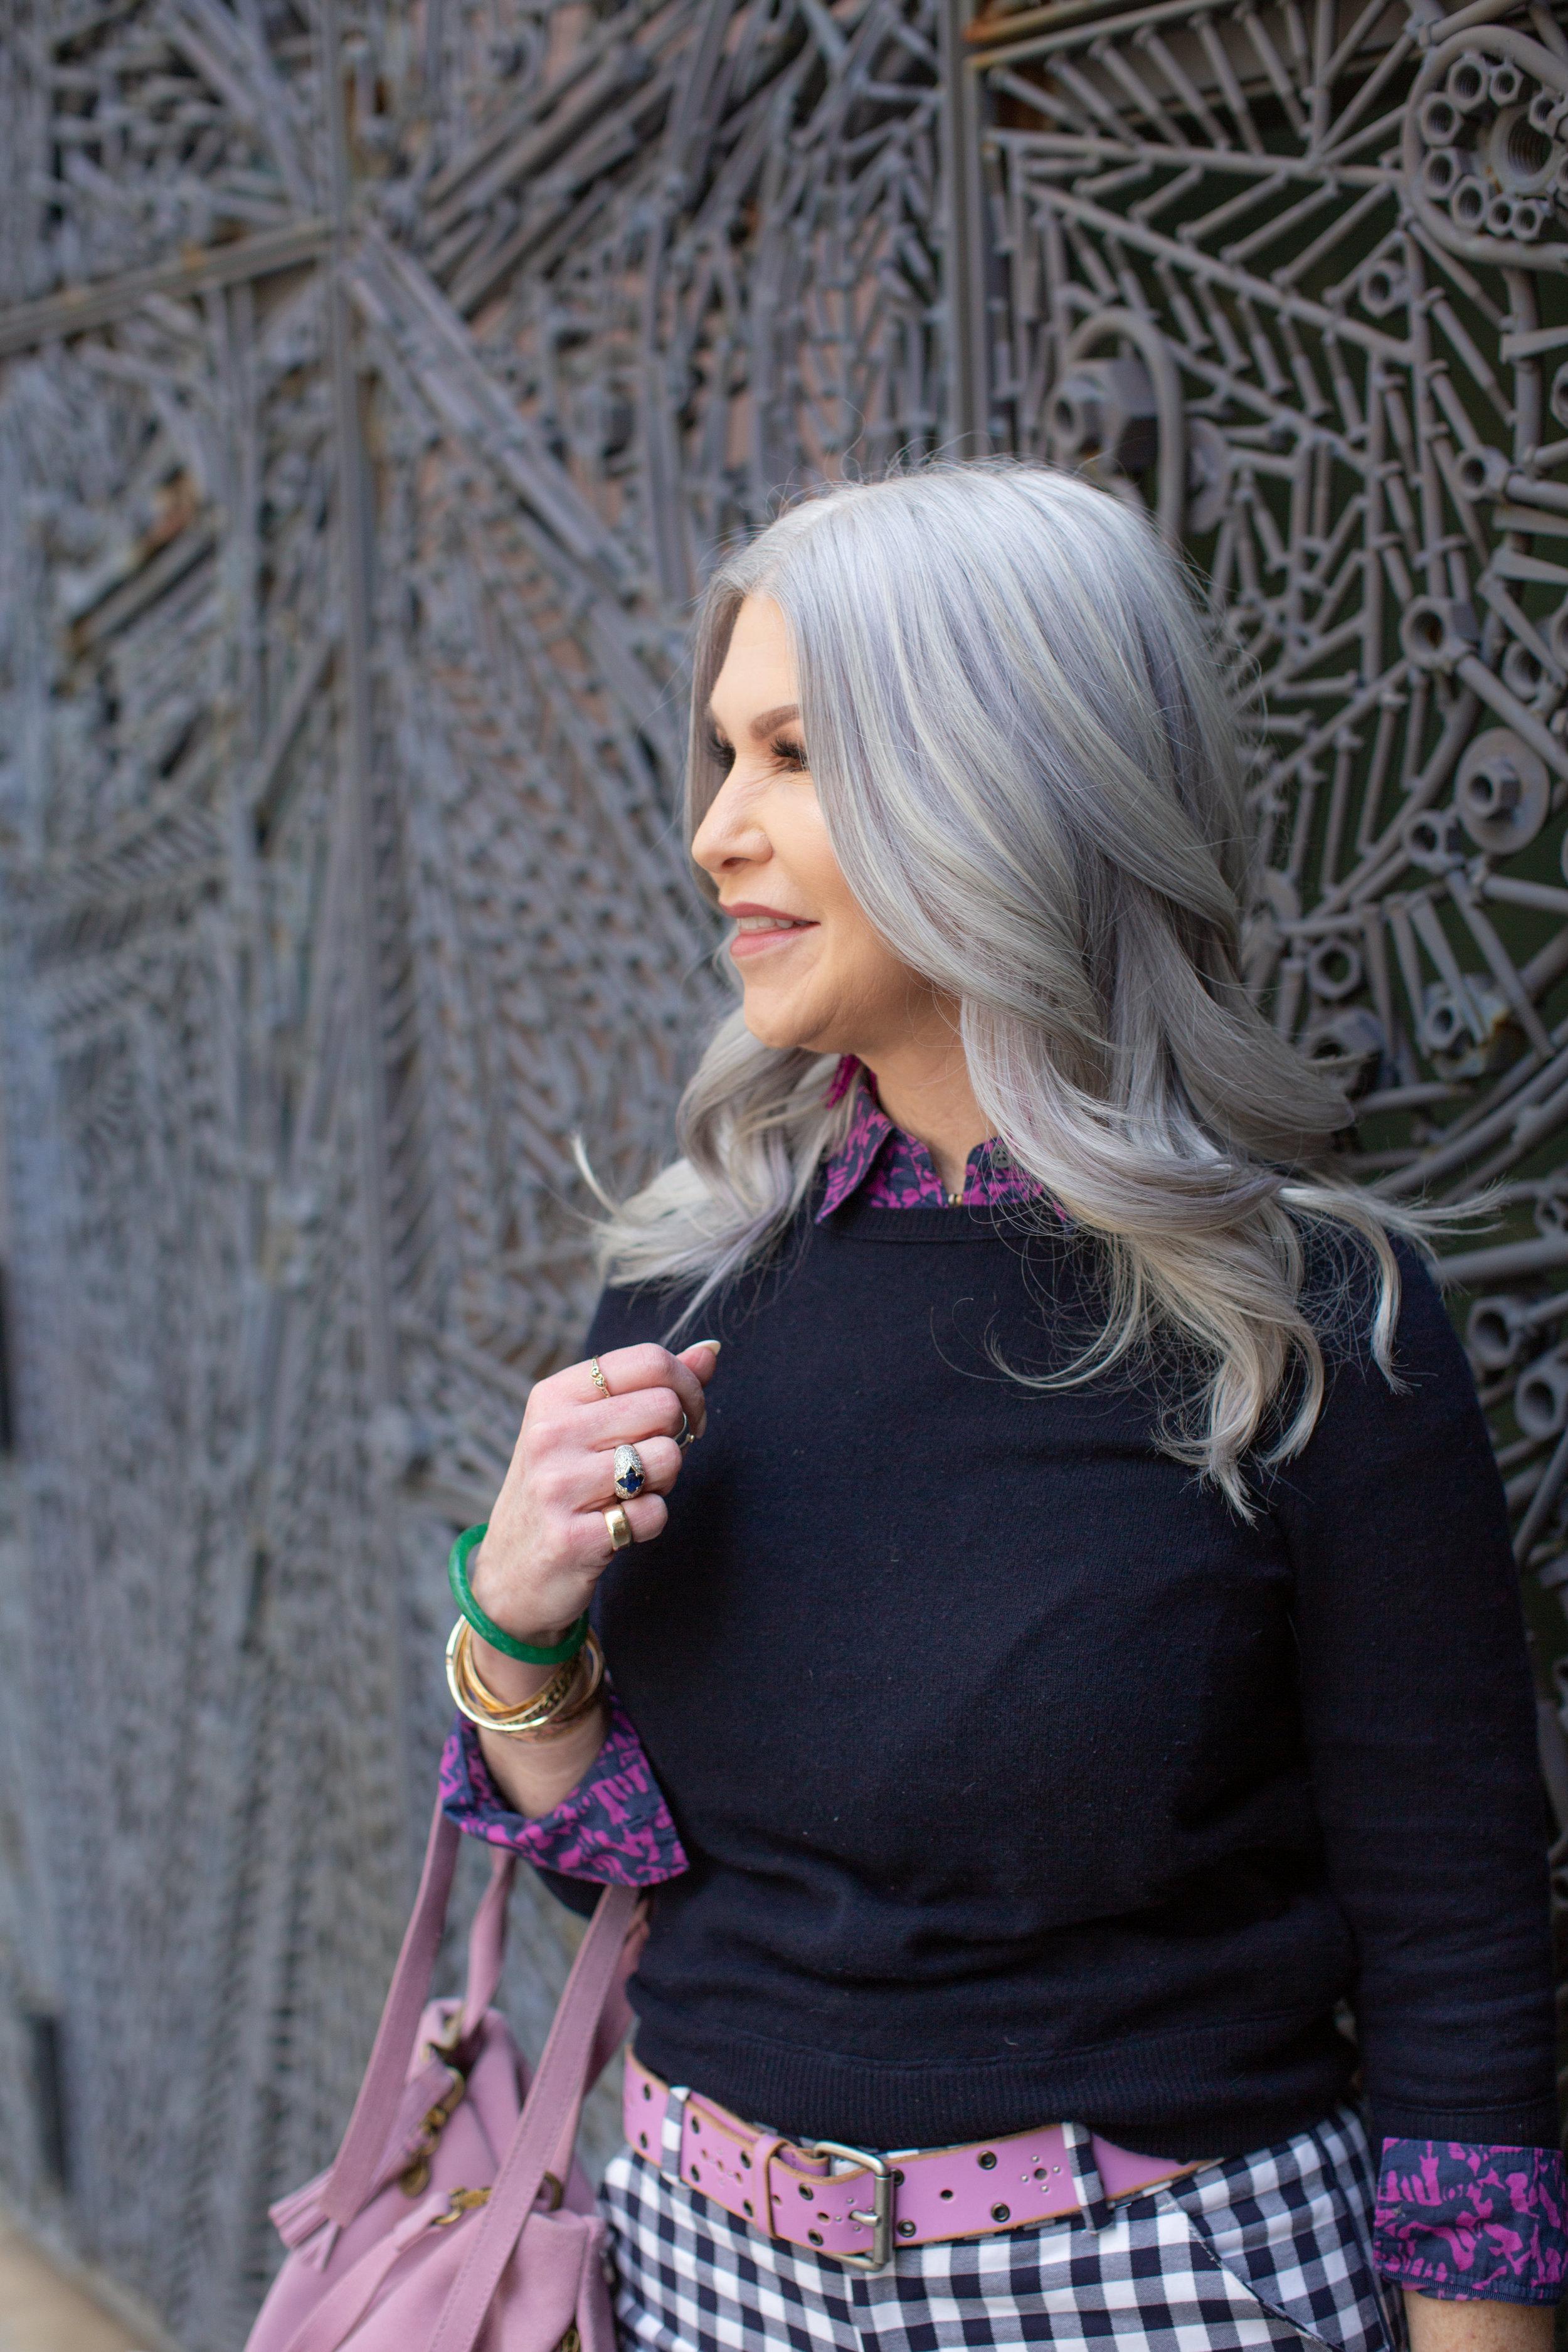 Lisa Hale gingham pants greenville 2019-3.jpg